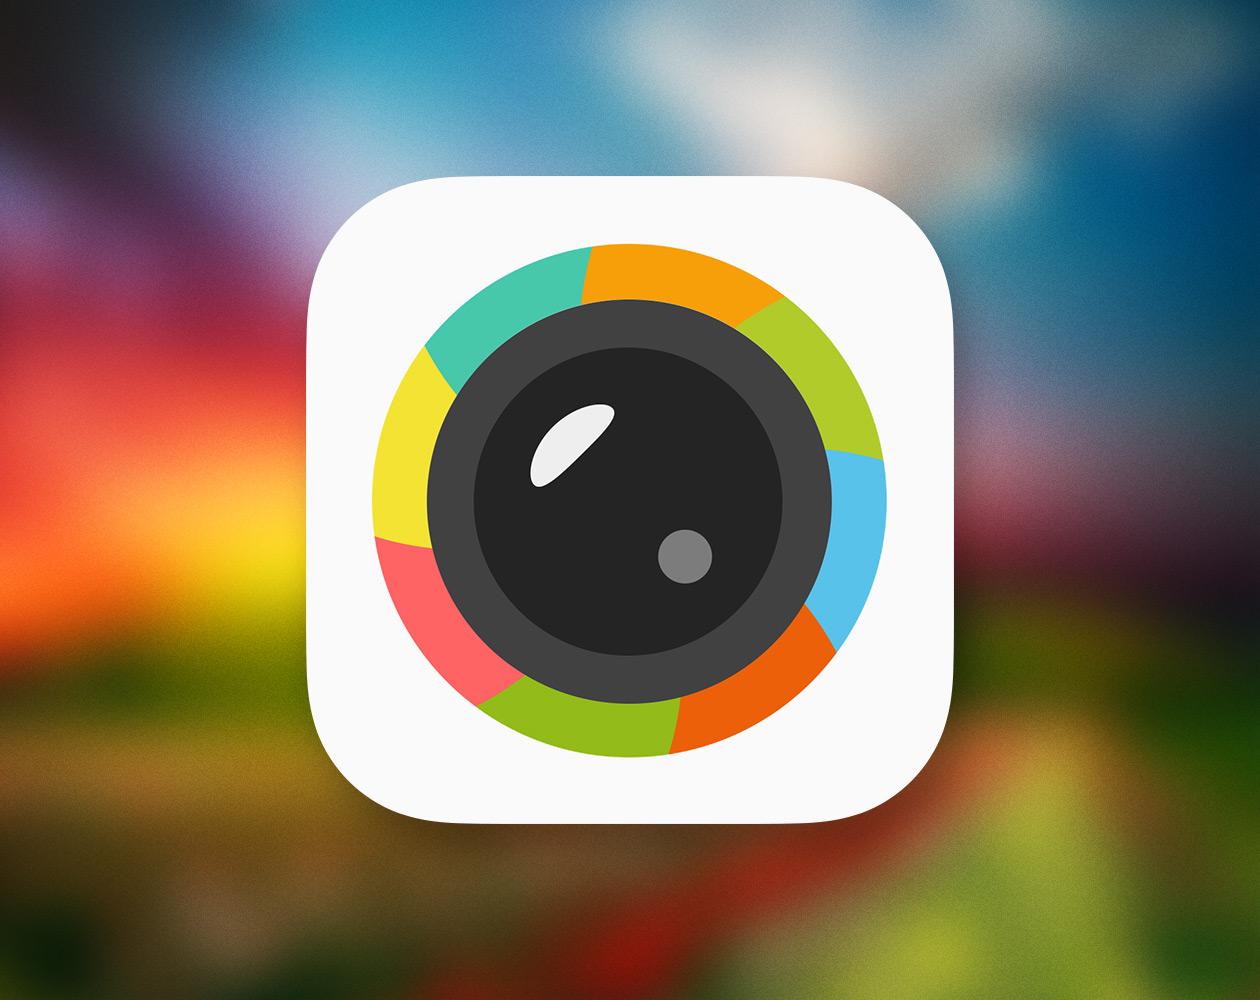 Rookie для iPhone: фоторедактор, который заменит вам все фотоприложения